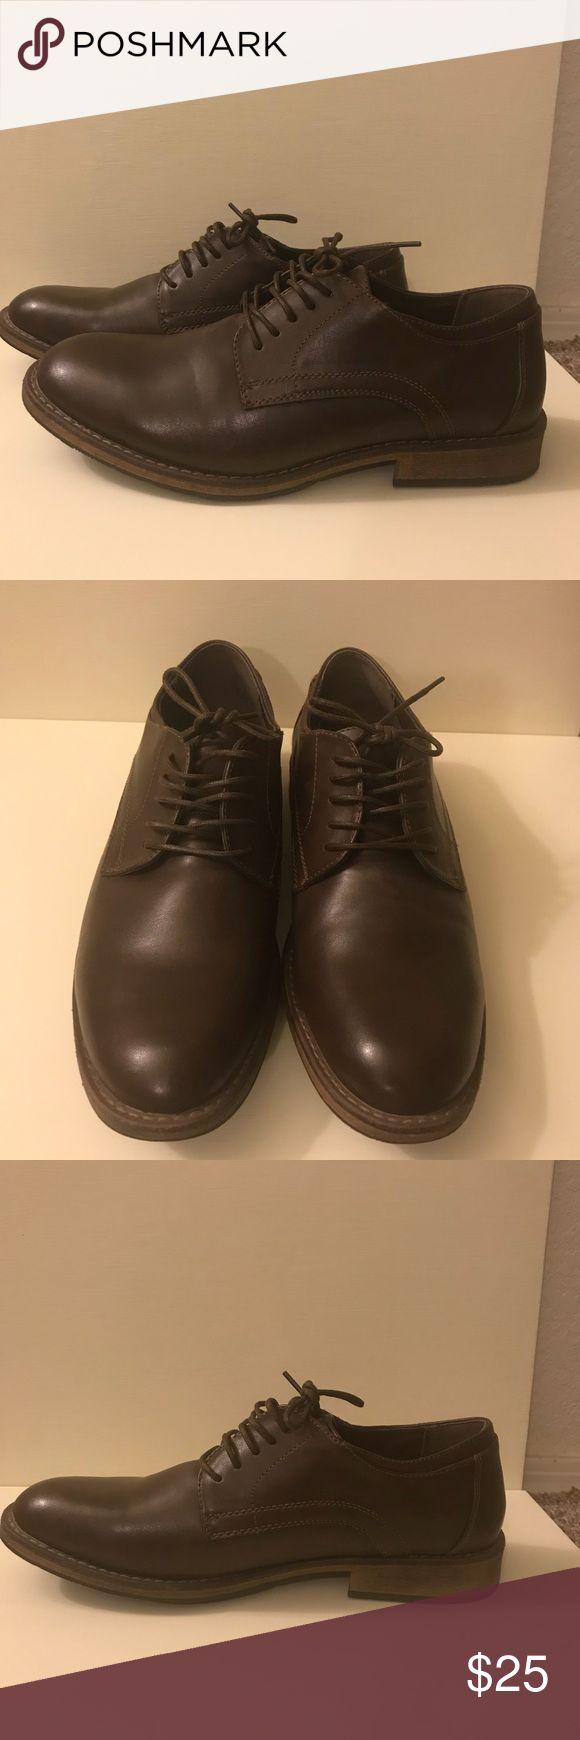 NWOT Brown Dress Shoes, Men's Size 10 NWOT Report Dress Shoes. Brown, Men's Size 10. Never worn, brand new. Excellent condition. Report Shoes Oxfords & Derbys